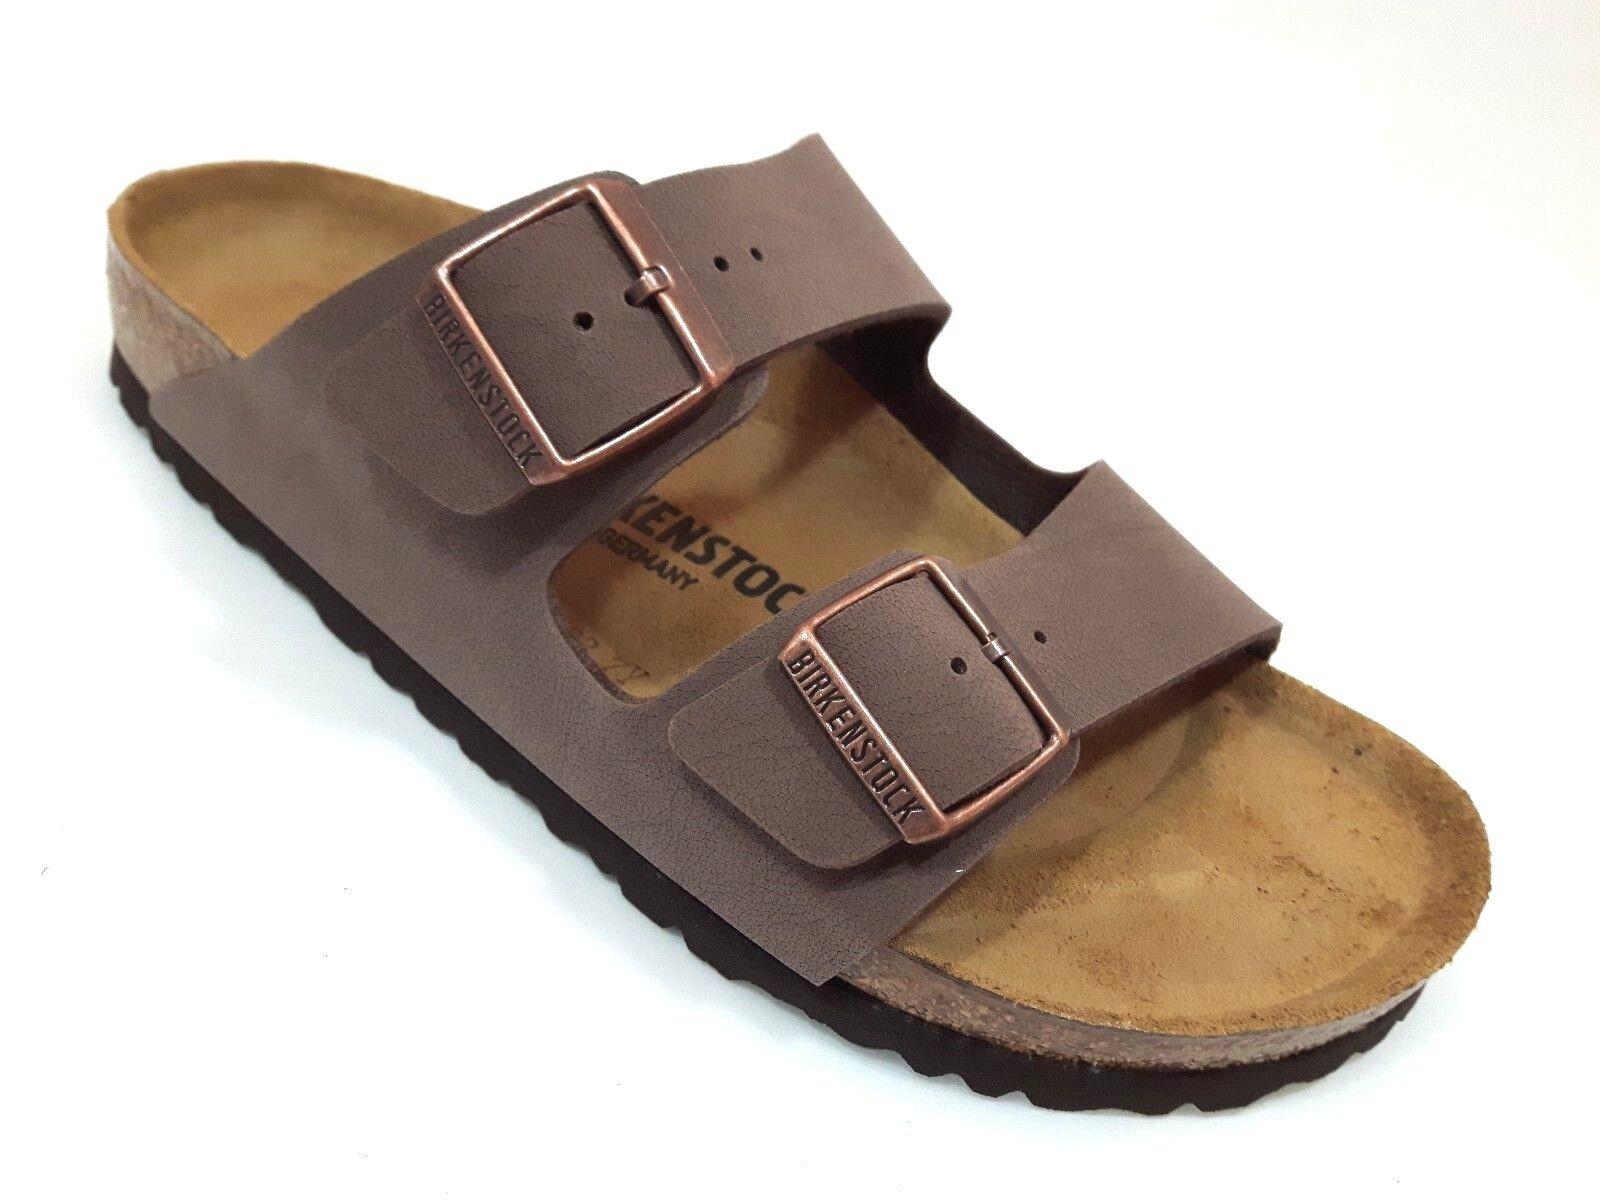 Sandali e scarpe per il mare da uomo BIRKENSTOCK ARIZONA MOCCA 151183 sandali ciabatte uomo donna ragazzo